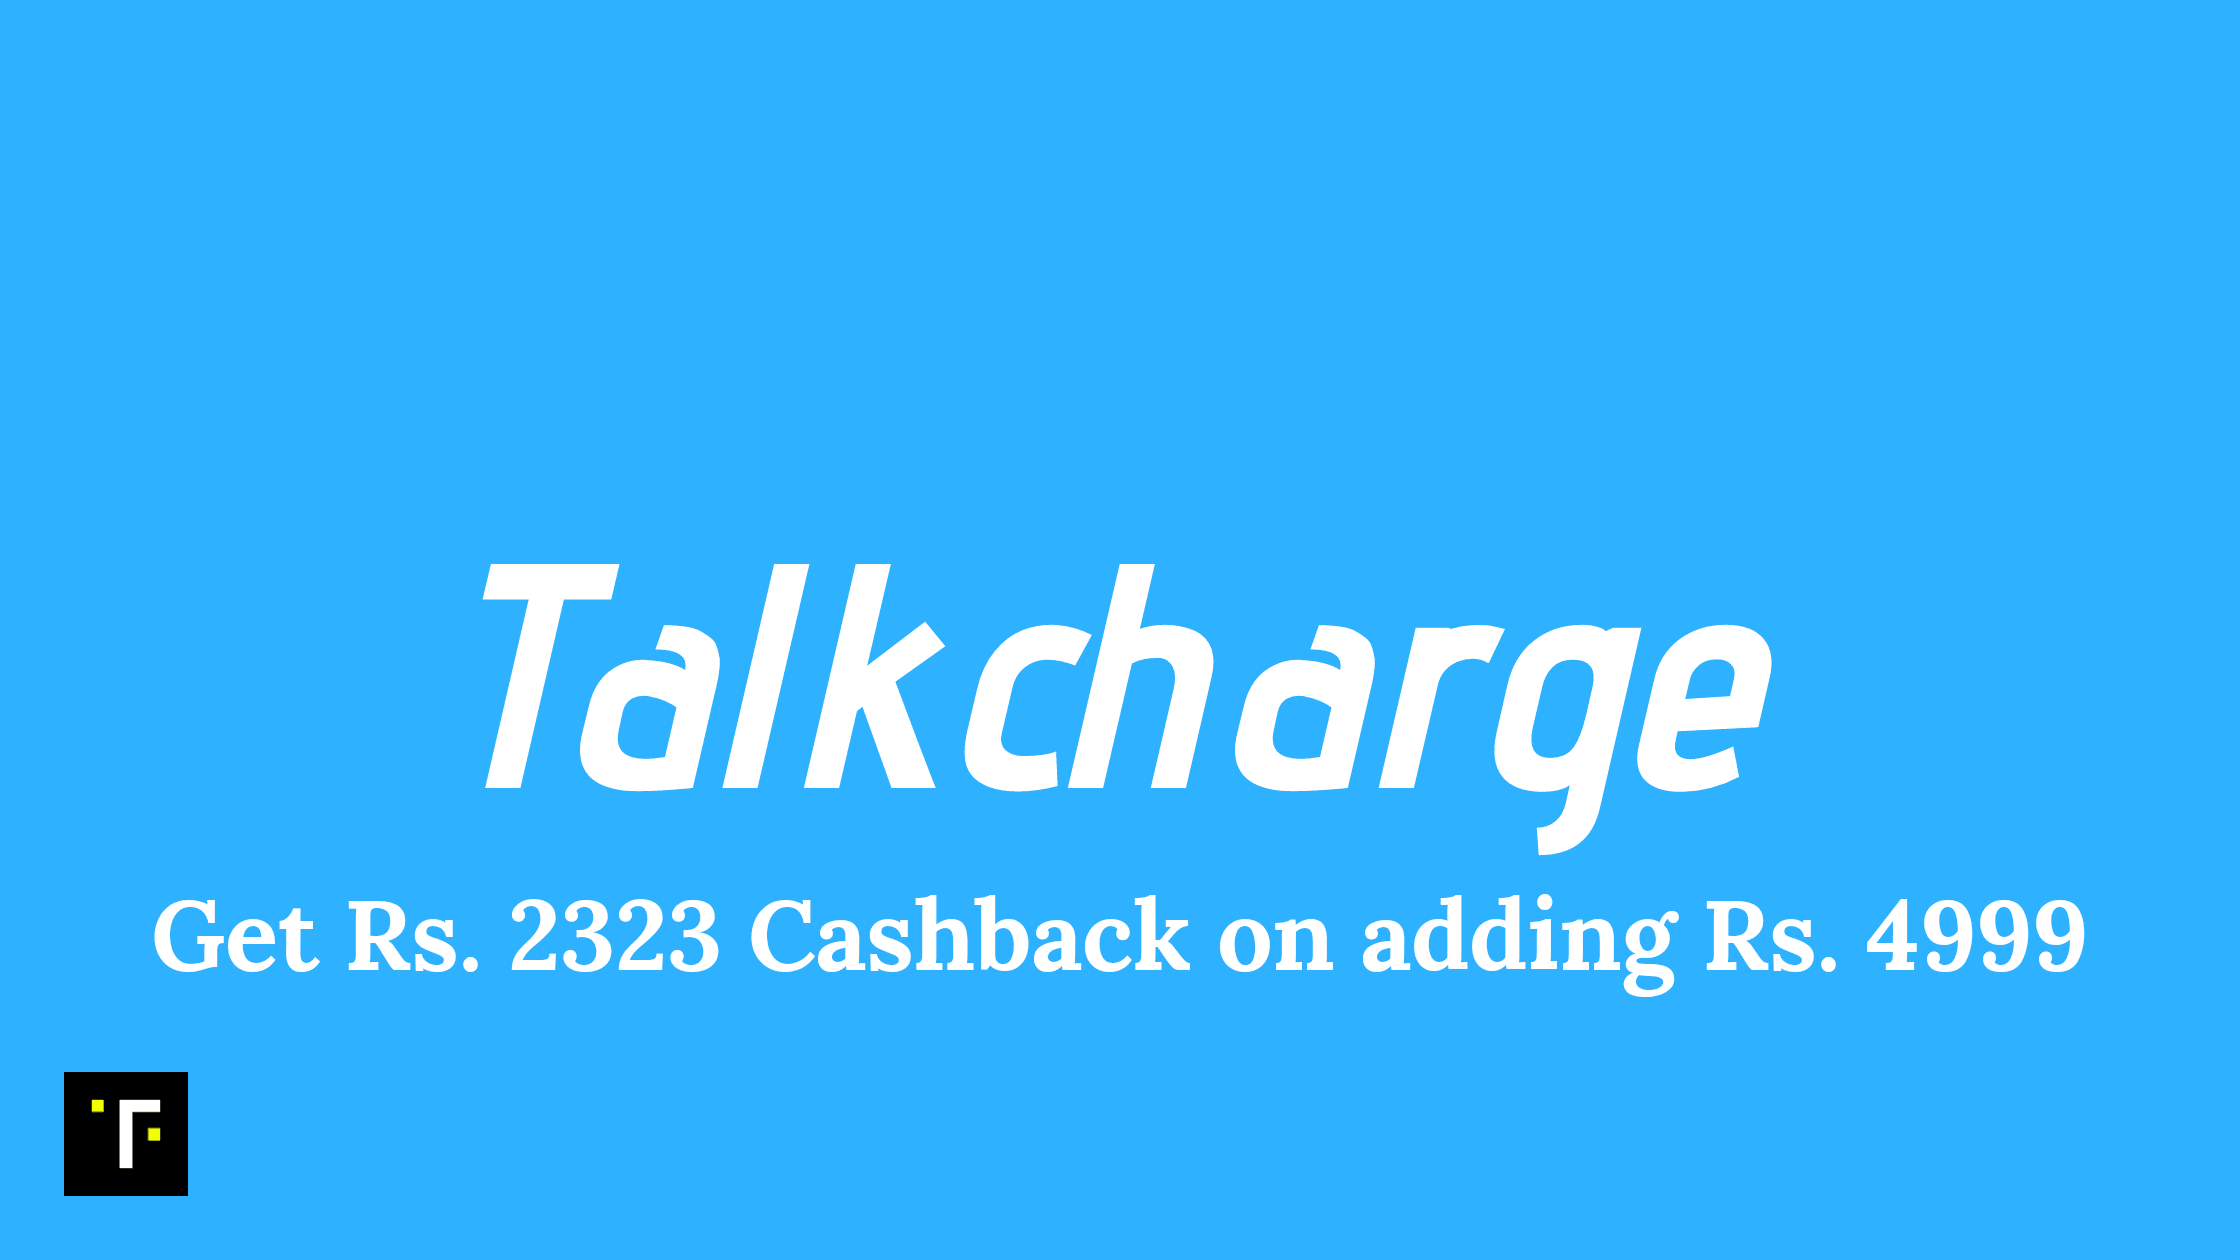 Talkcharge: Get Rs. 2323 Cashback on adding Rs. 4999 Awesome Offer - Thinkingfunda - Get rs. 2323 cashback on adding rs. 4999